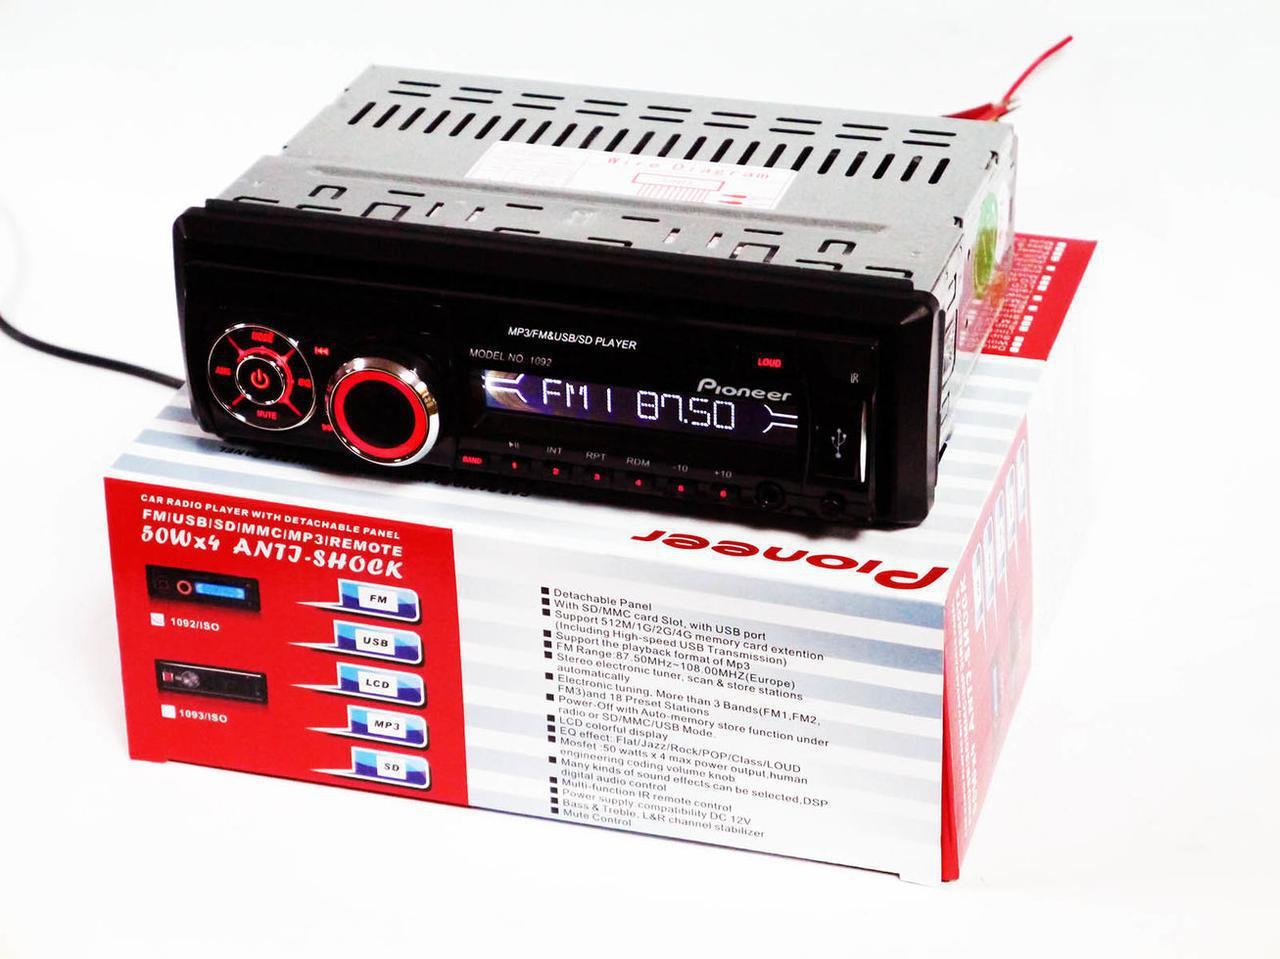 Автомобильная магнитола Pioneer 1092 MP3 съемная панель